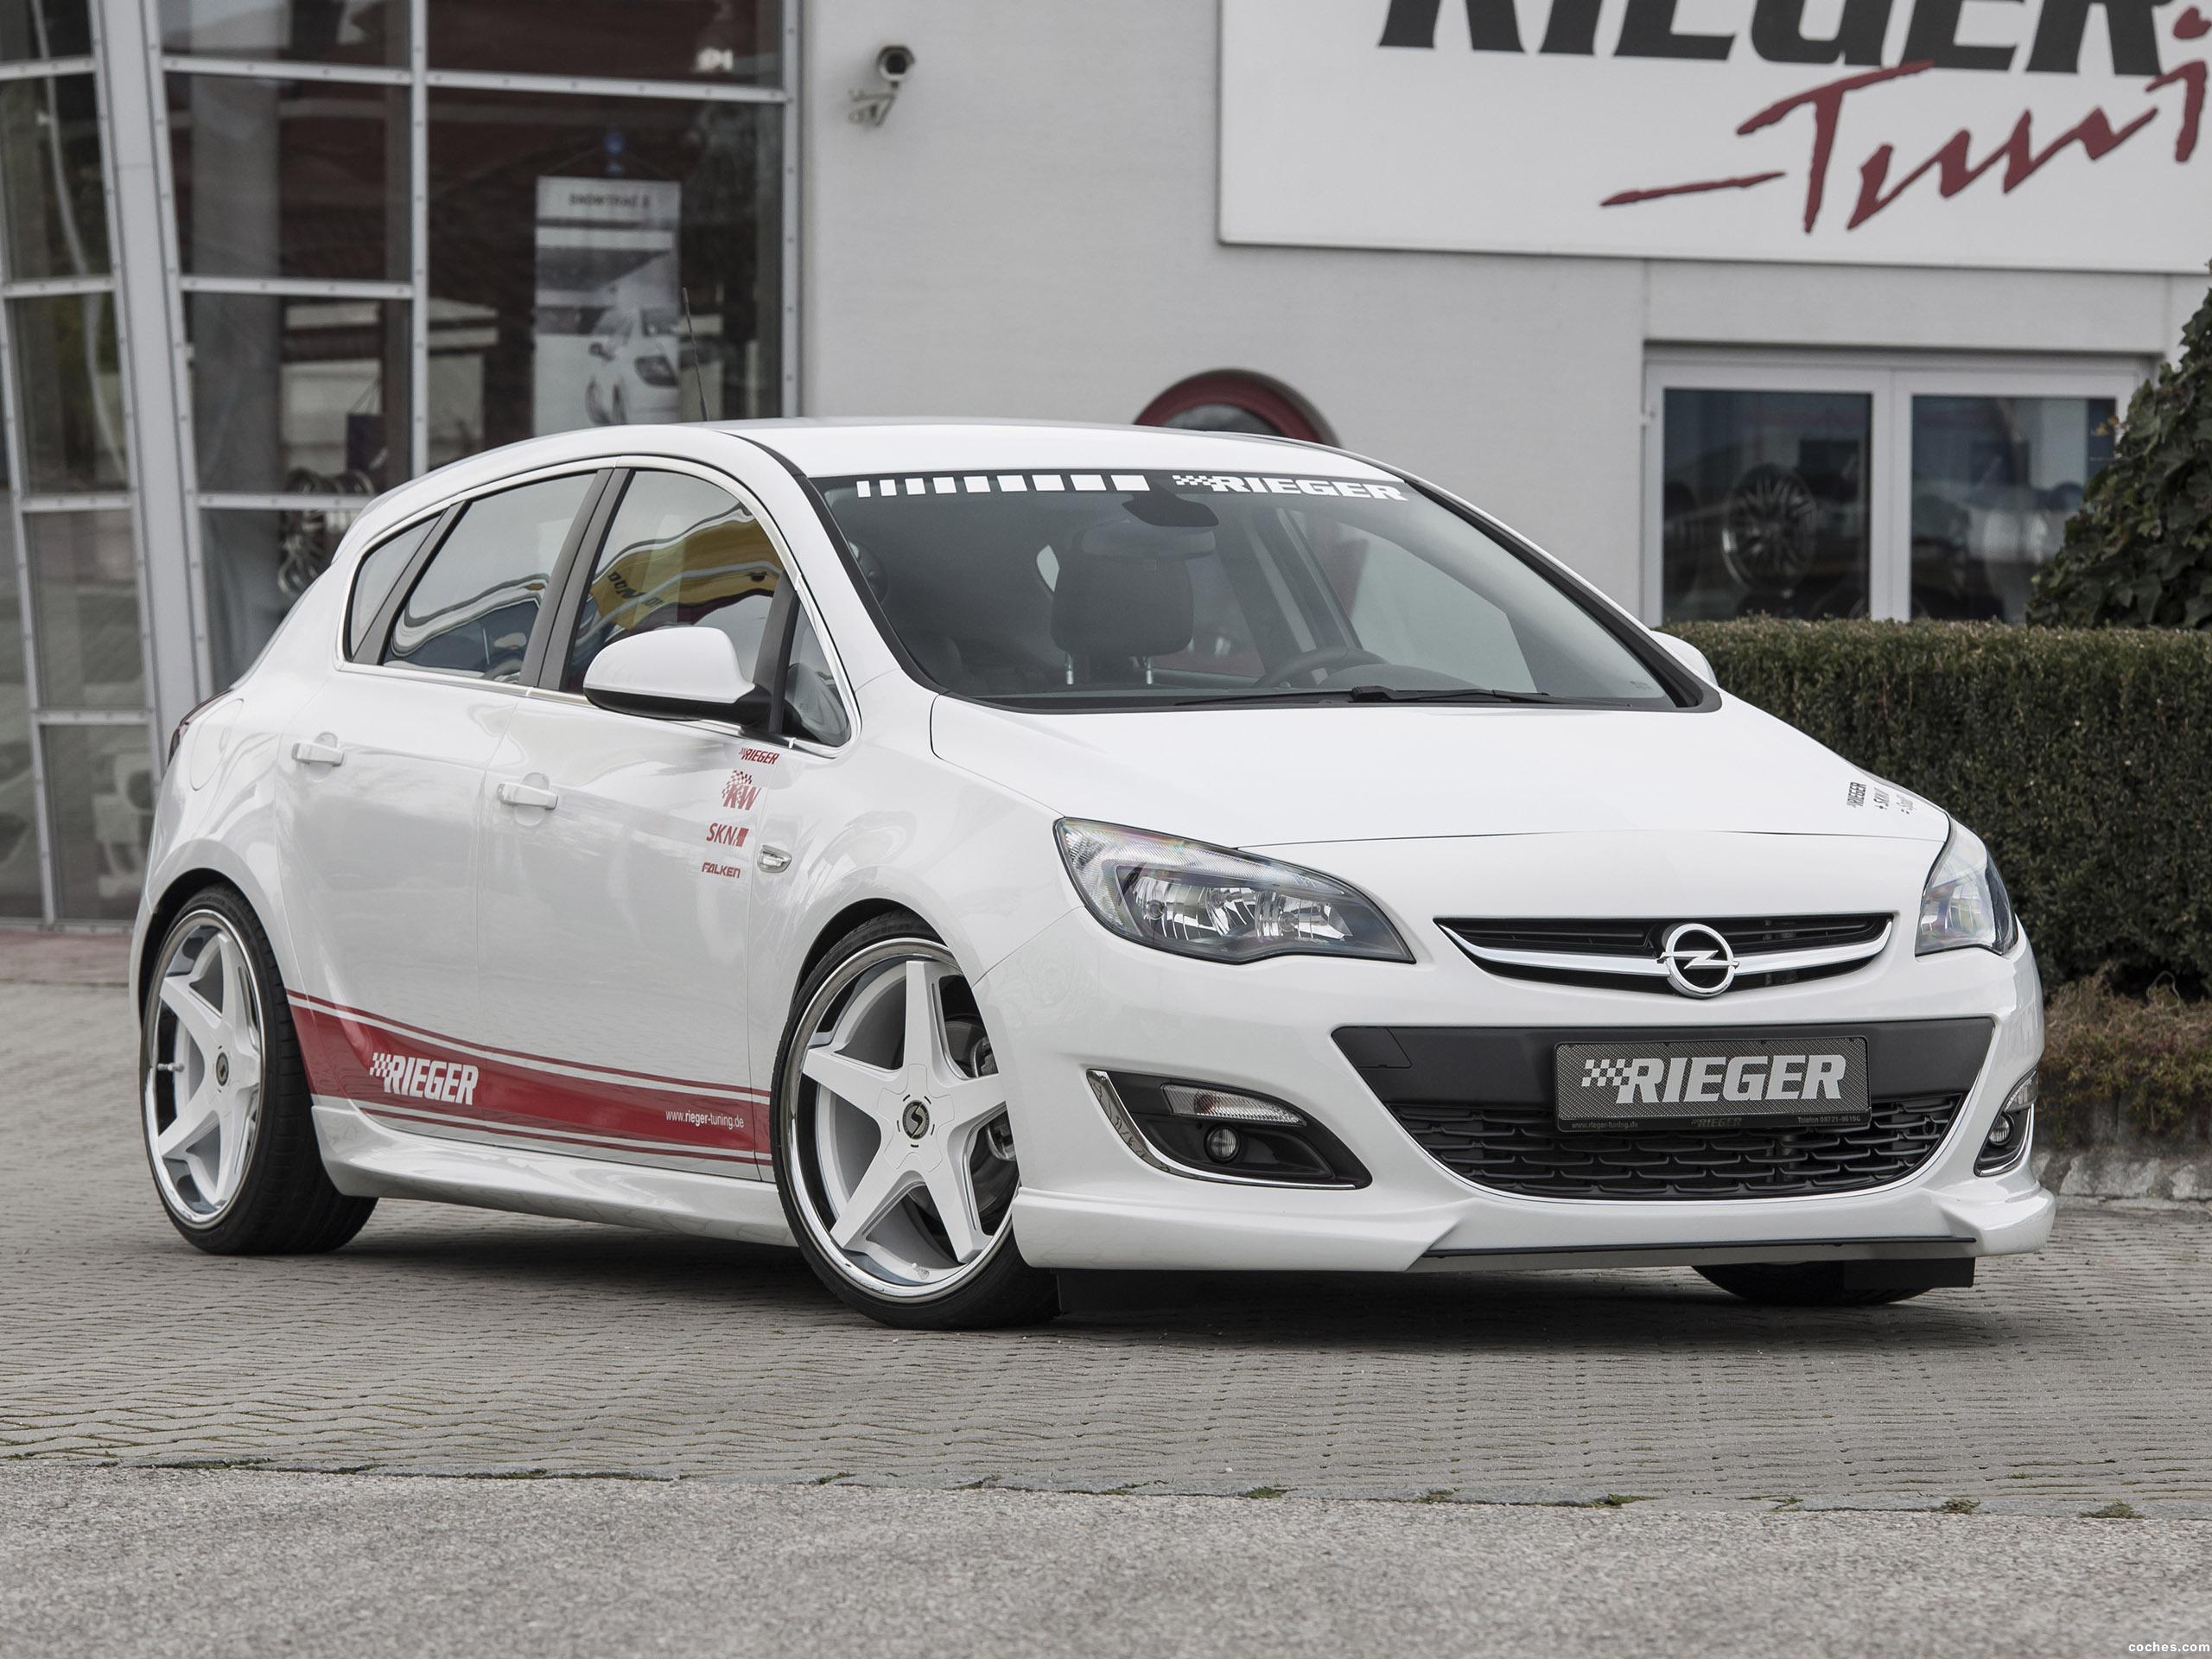 Foto 0 de Rieger Opel Astra 5 puertas 2014